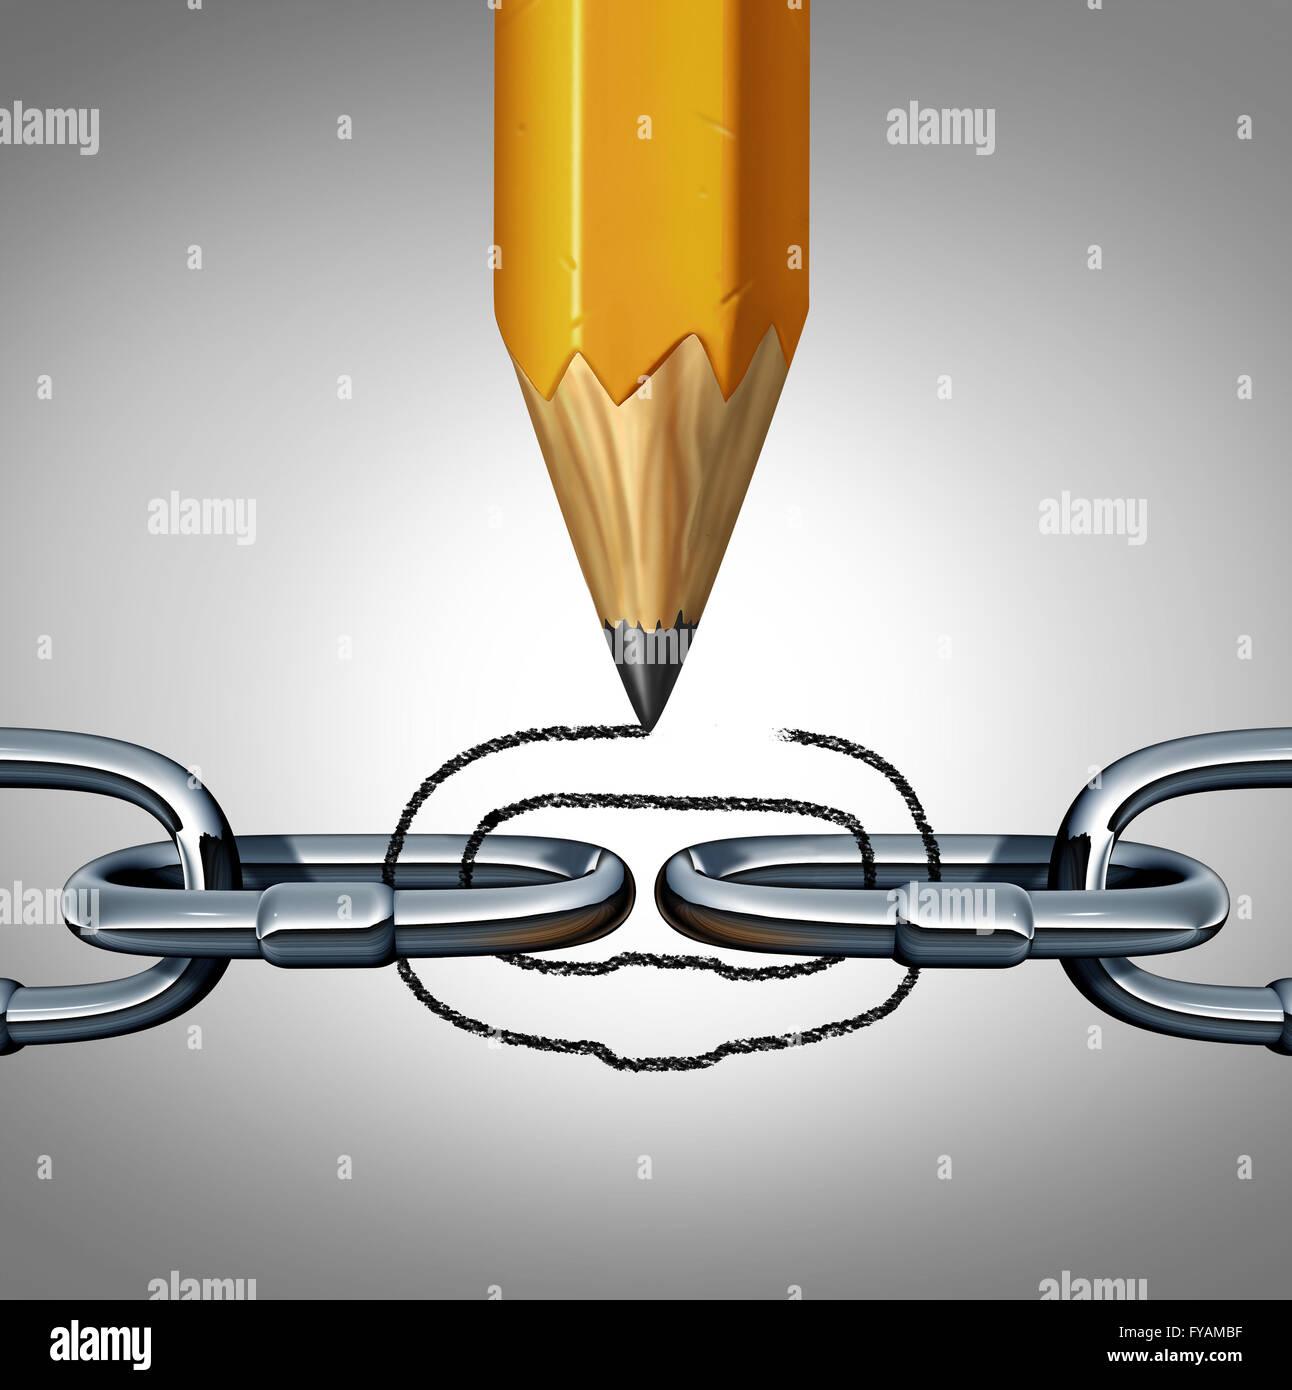 Konzept der Stärke als getrennte Kette mit einem Bleistift zeichnen einen Link, um die 3D-Illustration Objekt Stockbild